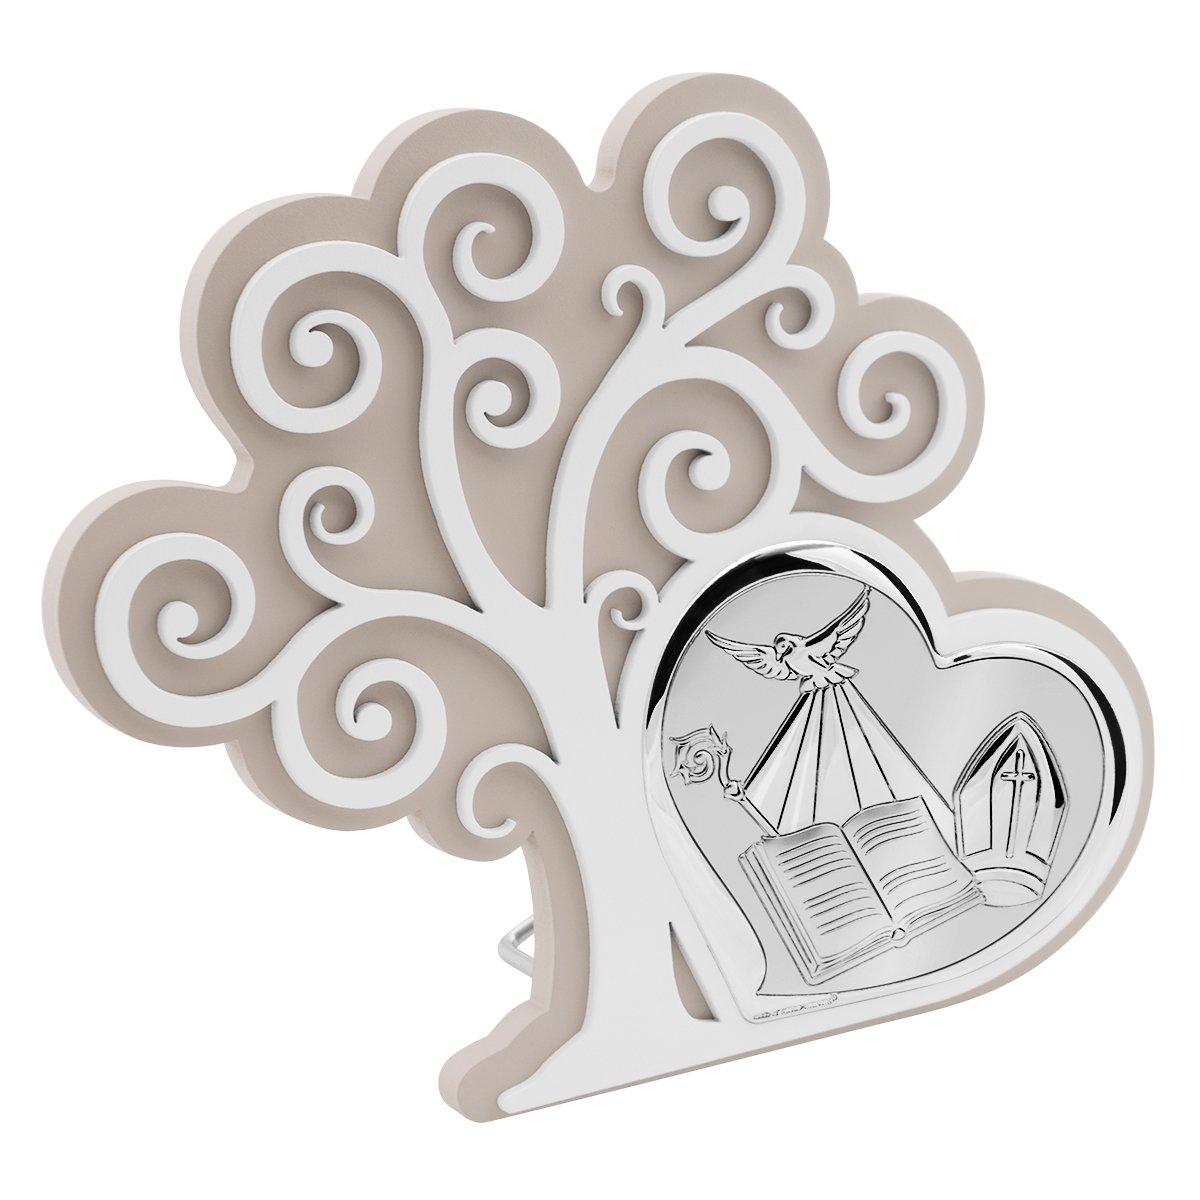 1f2fce7241 Obrazek na Bierzmowanie Drzewko Gołąb Pamiątka Grawer ...